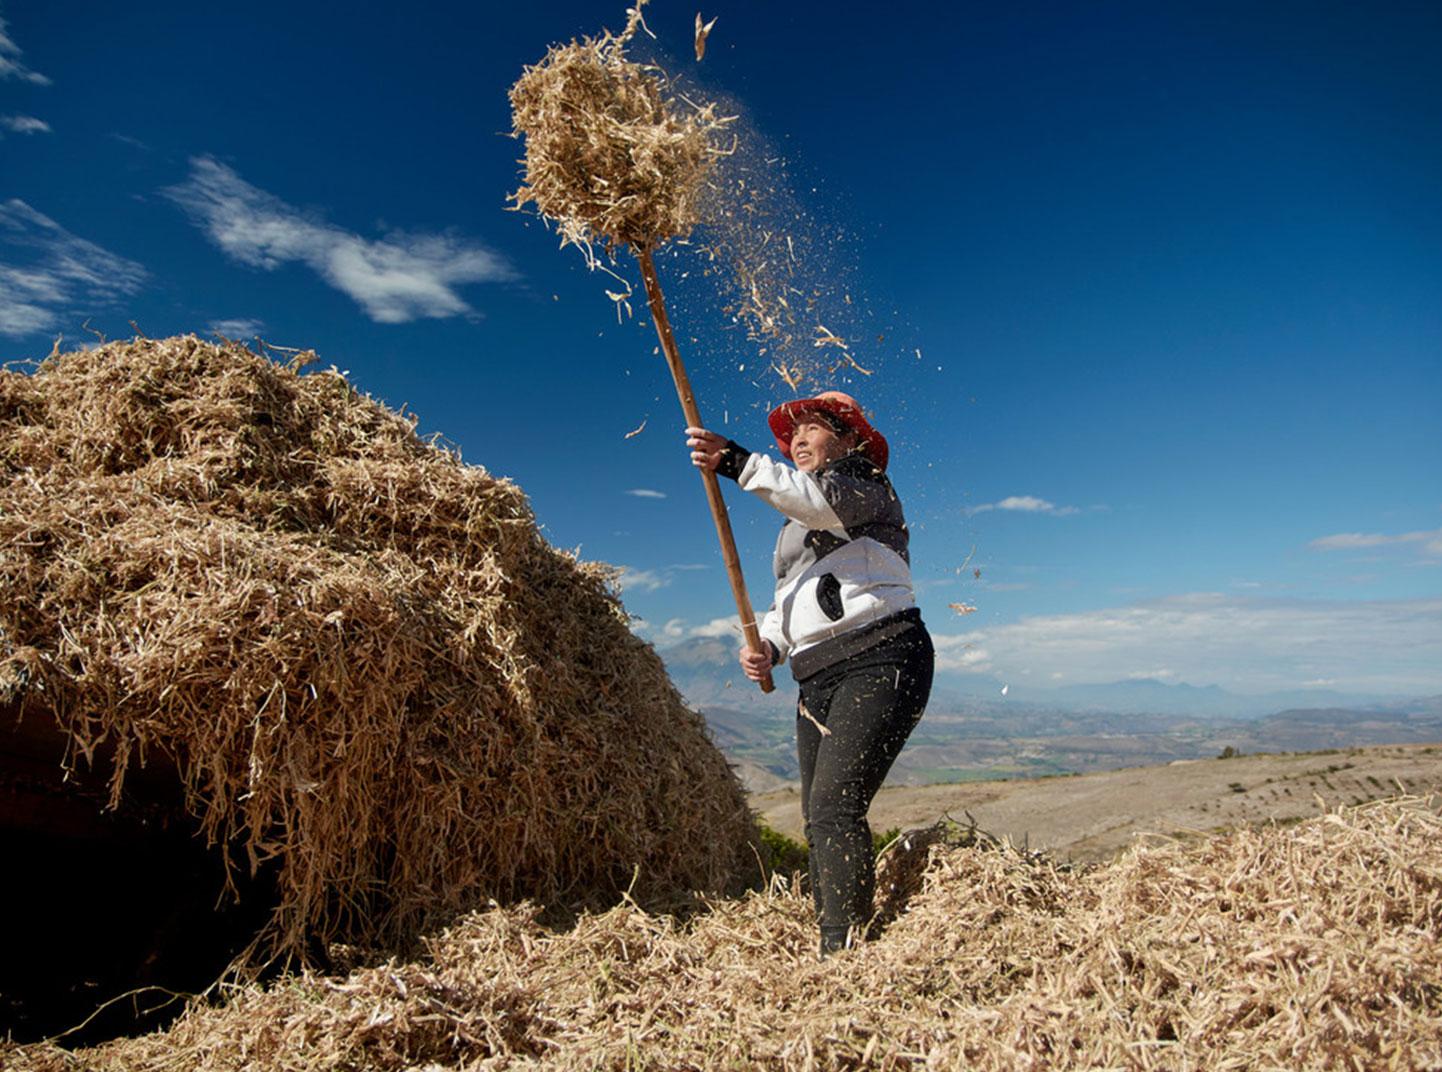 Uma mulher empacota feno em um campo.